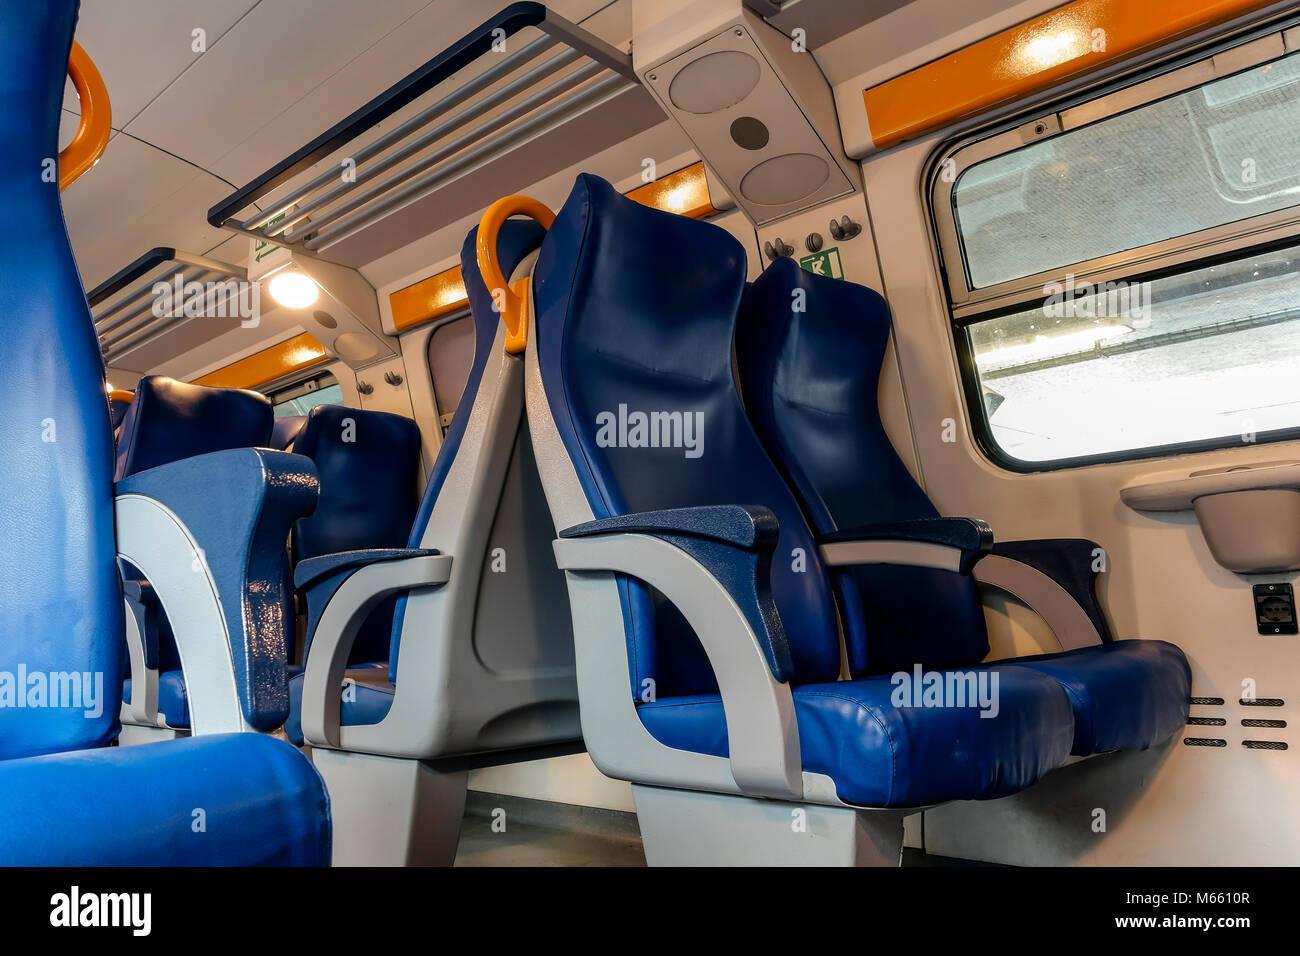 Leere Sitze in einer Regionalbahn wagen, Trenitalia unternehmen Verkehr. Upper Deck. Italien, Europa. Stockbild